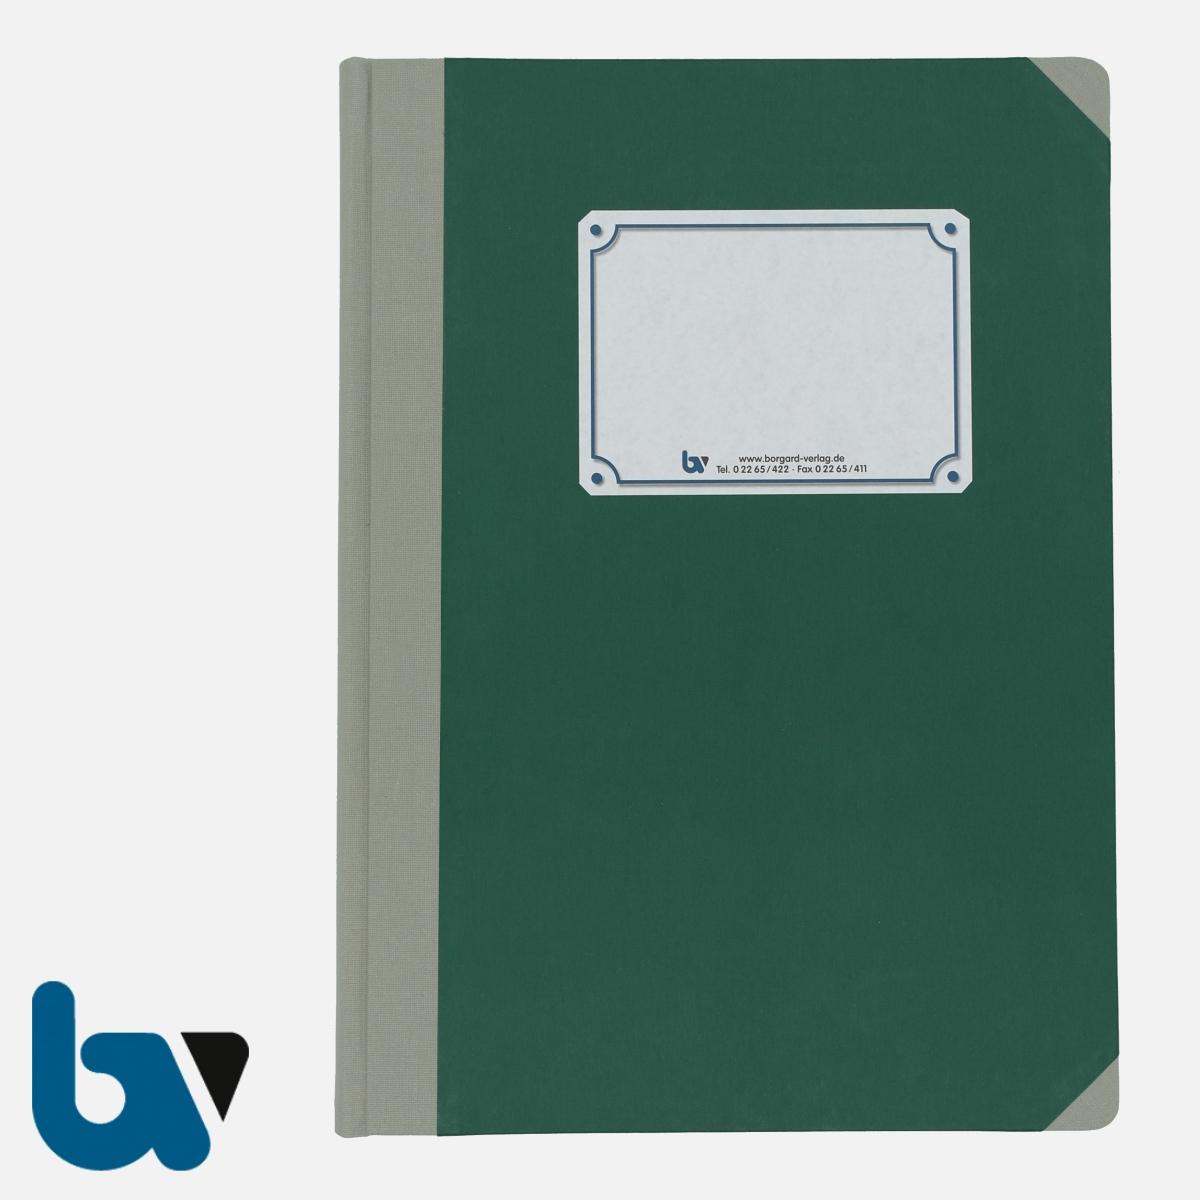 3/190-2 lin Tagebuch Ortsgericht Hessen Buch gebunden liniert Leinen DIN A4 Außen 2 | Borgard Verlag GmbH